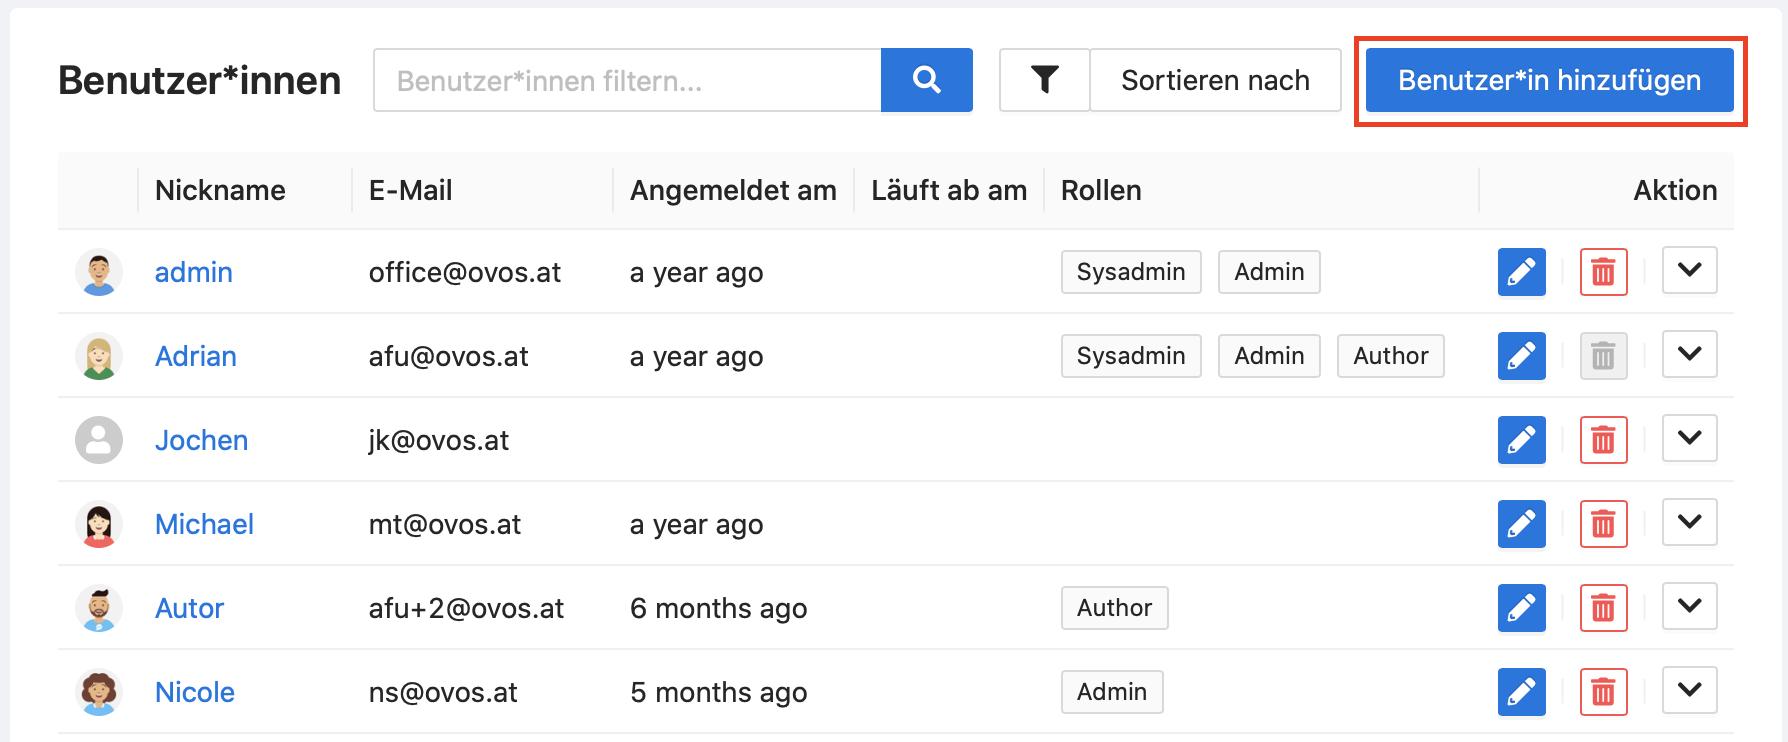 Über die Benutzer*innen-Liste können Sie jederzeit neue Benutzer*innen anlegen.